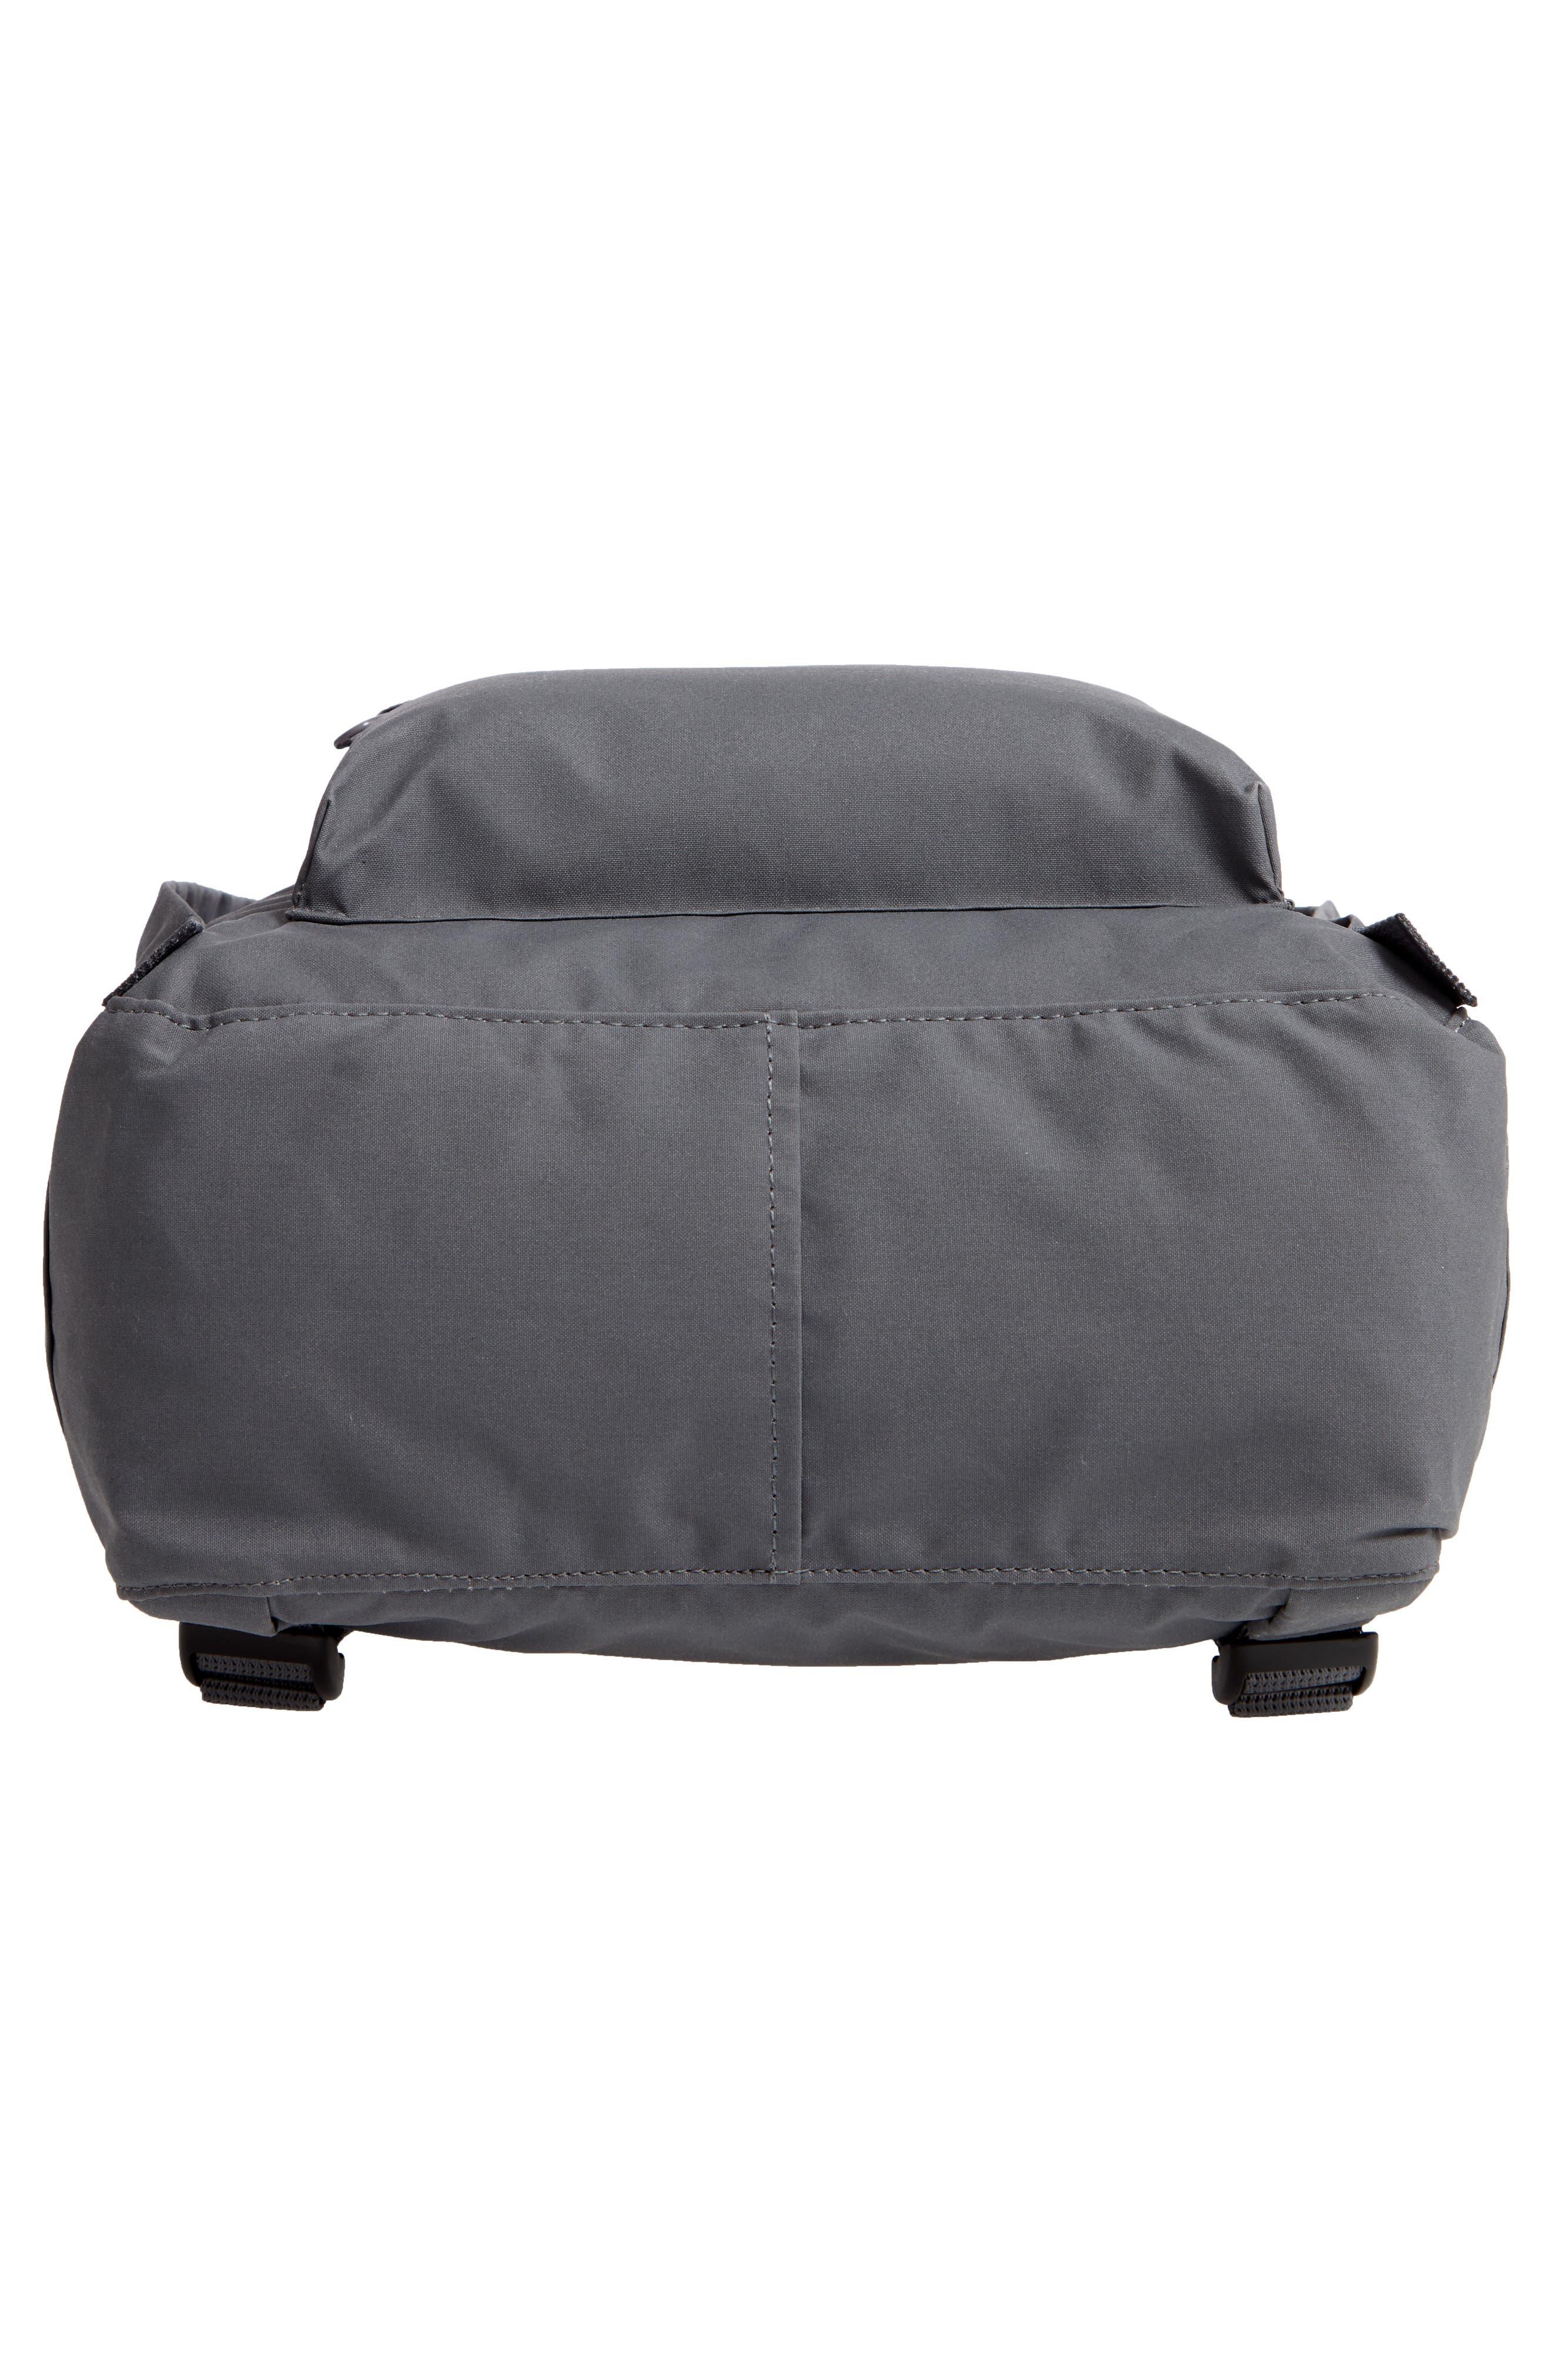 'Kånken' Water Resistant Backpack,                             Alternate thumbnail 6, color,                             SUPER GREY